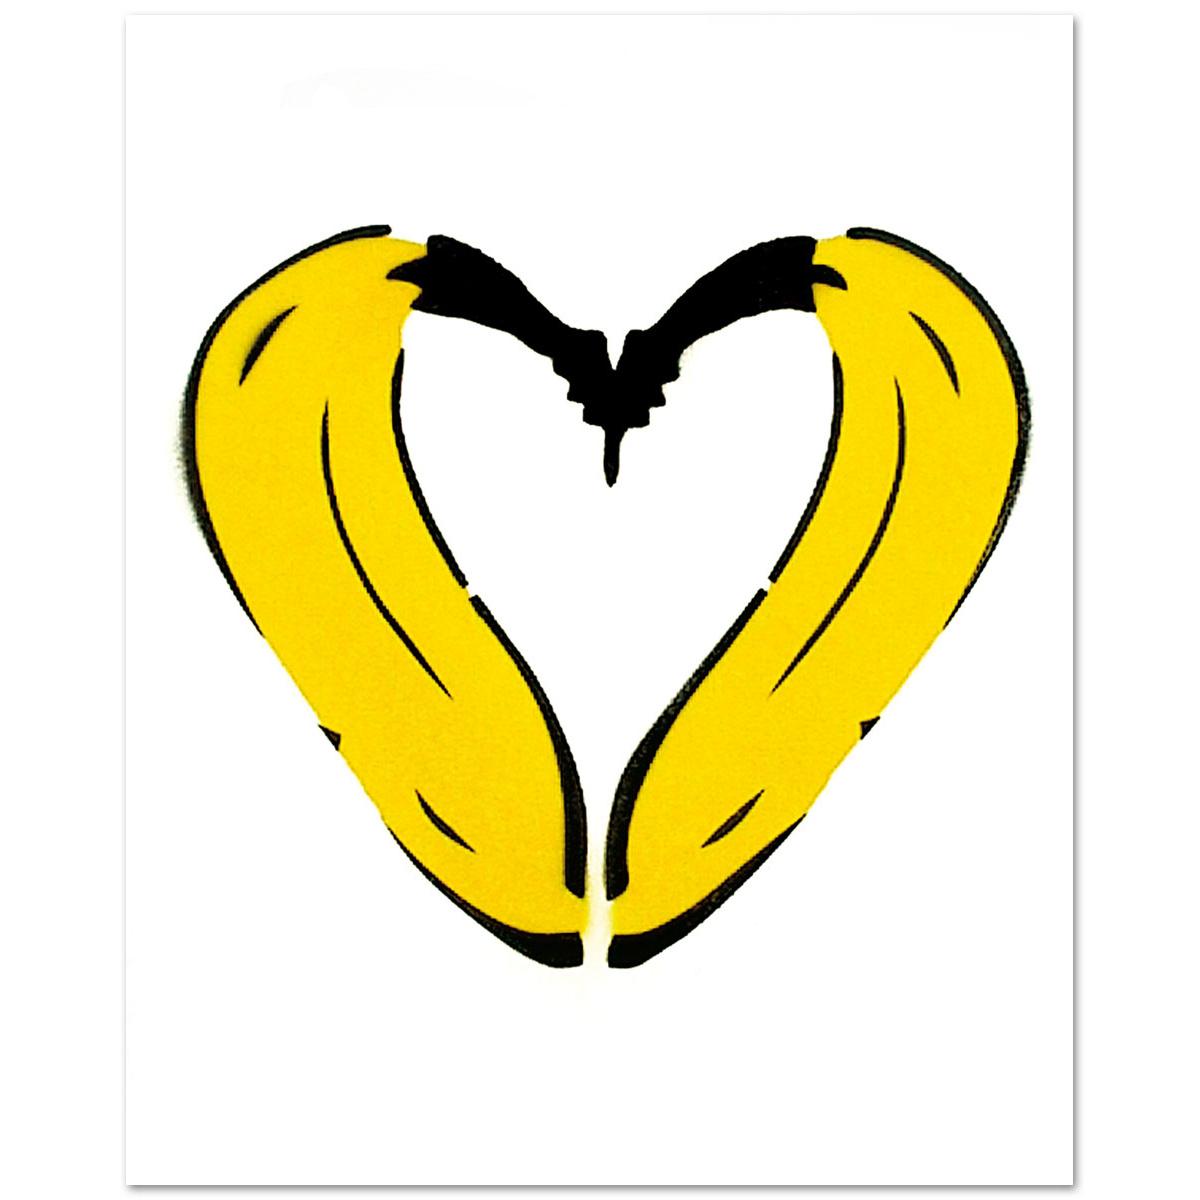 Herz-Banane von Thomas Baumgärtel